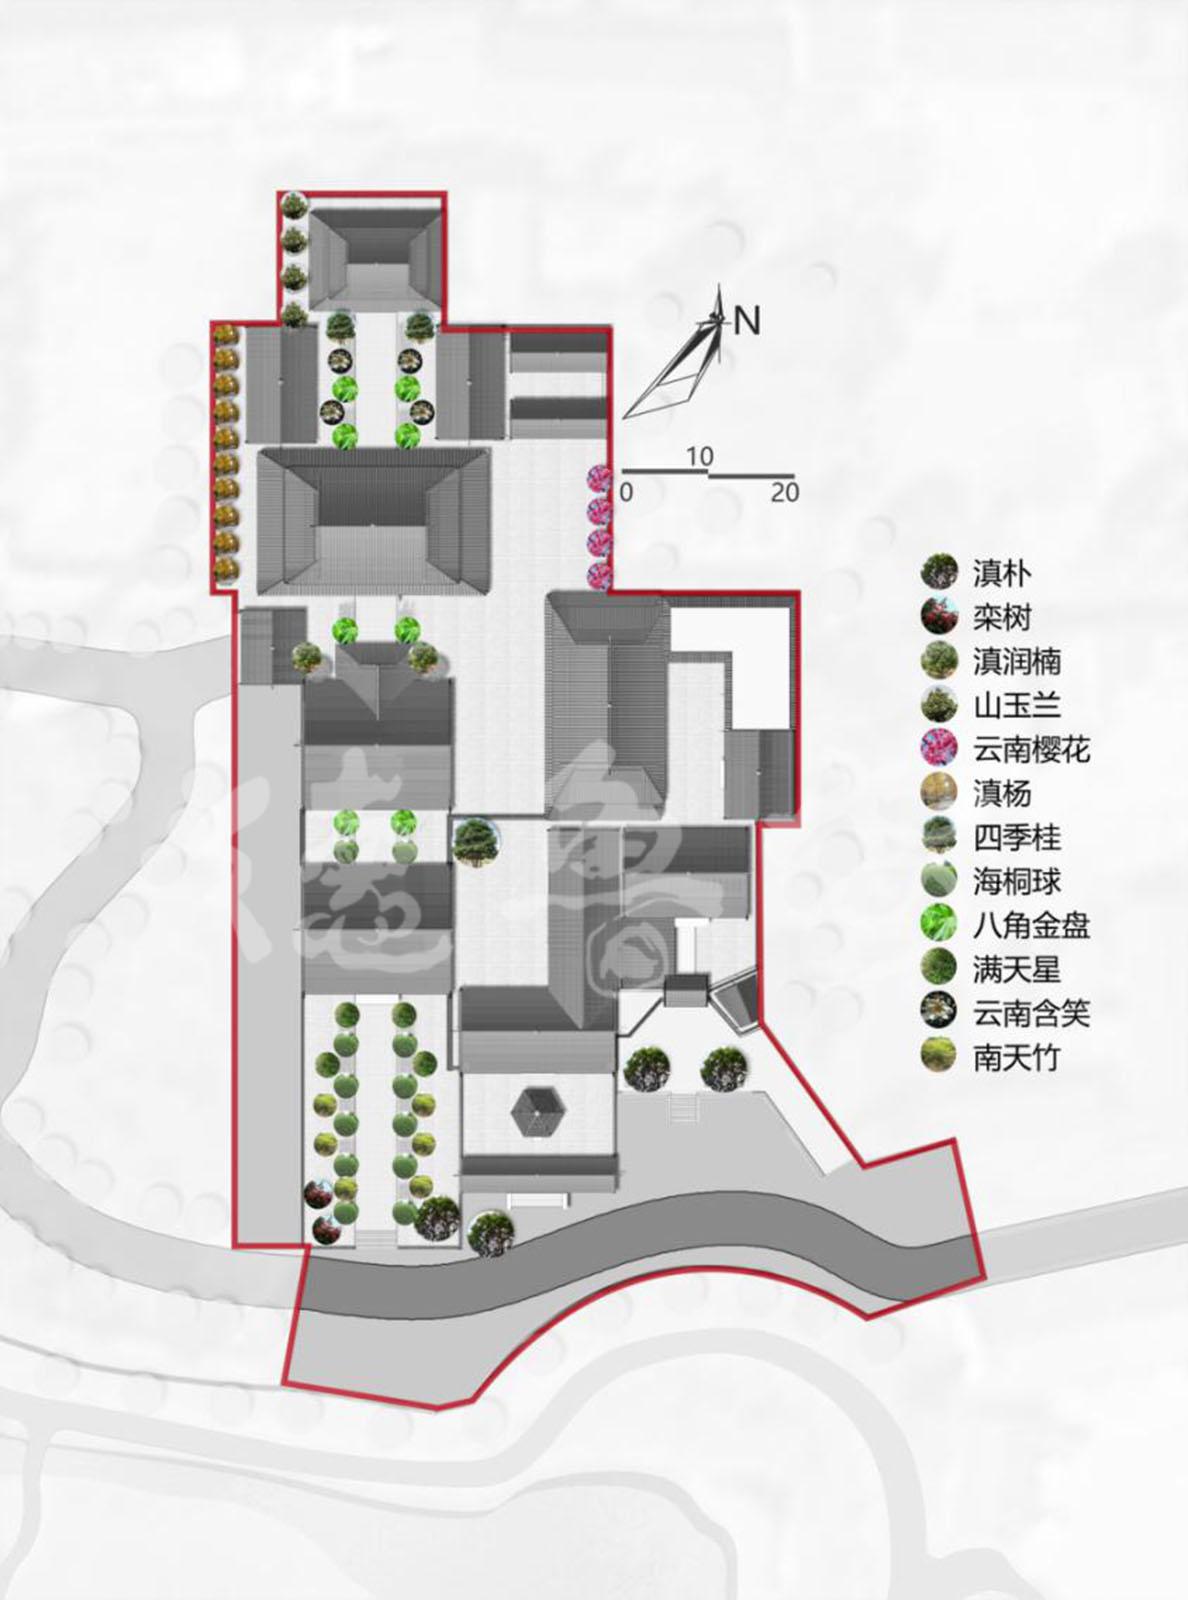 云南腾冲华严寺总体规划设计-寺院规划-北京德鲁安